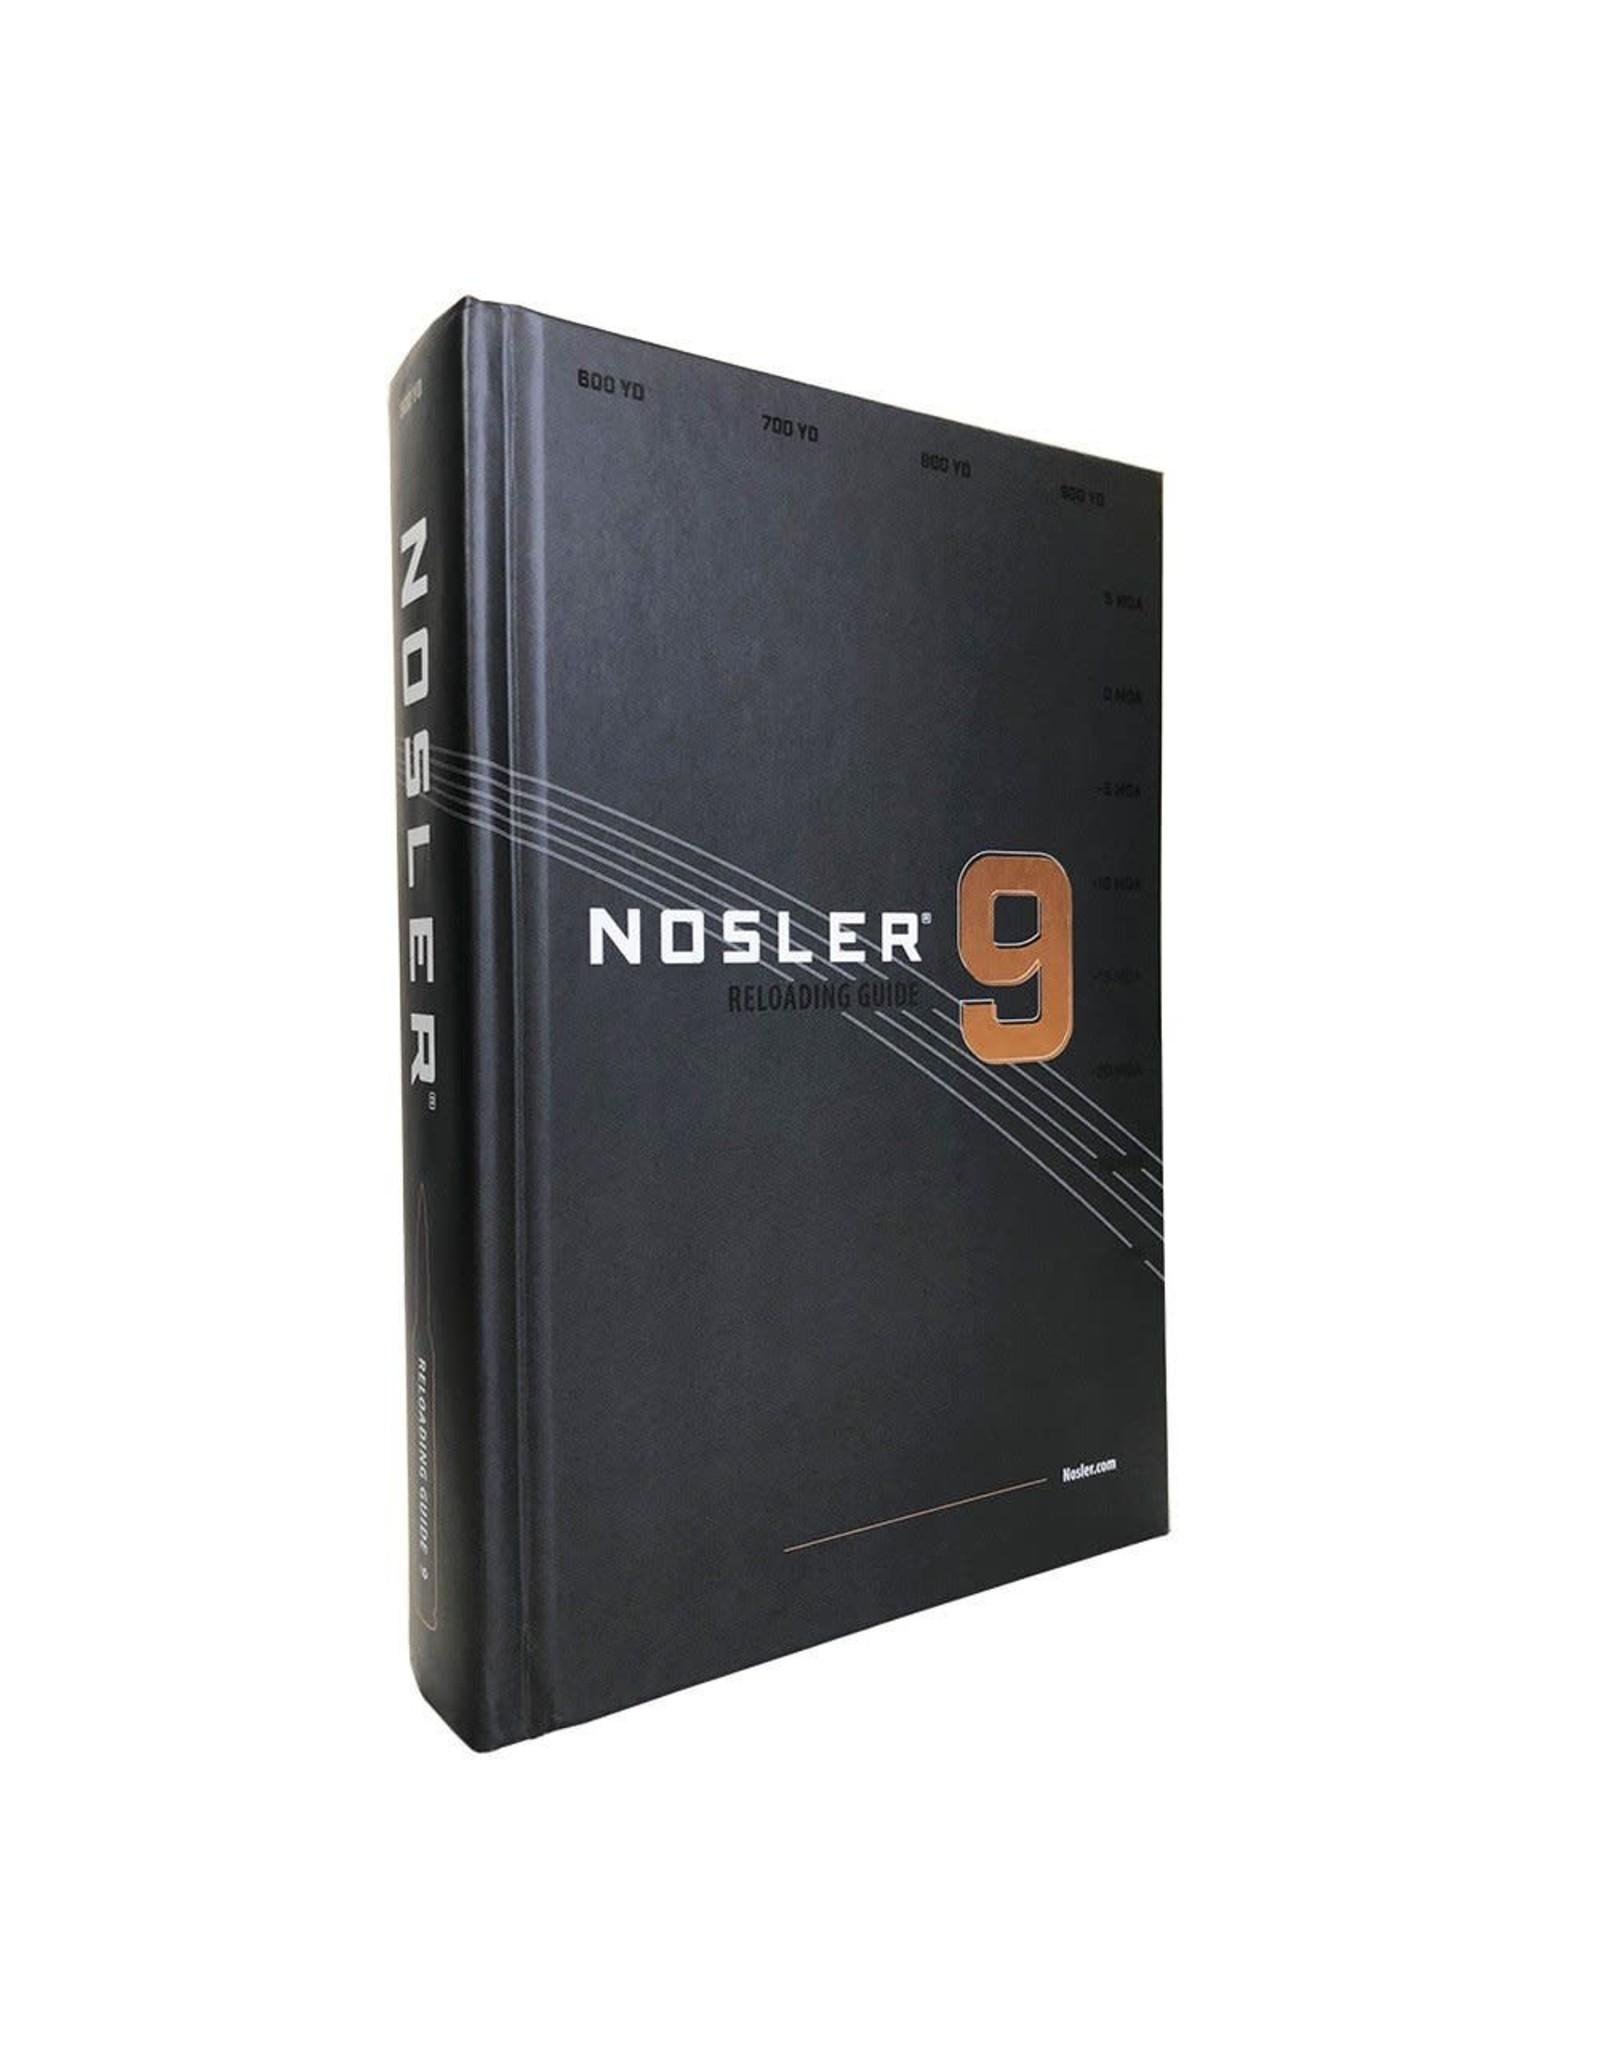 Nosler Nosler Reloading Guide - 9th Edition